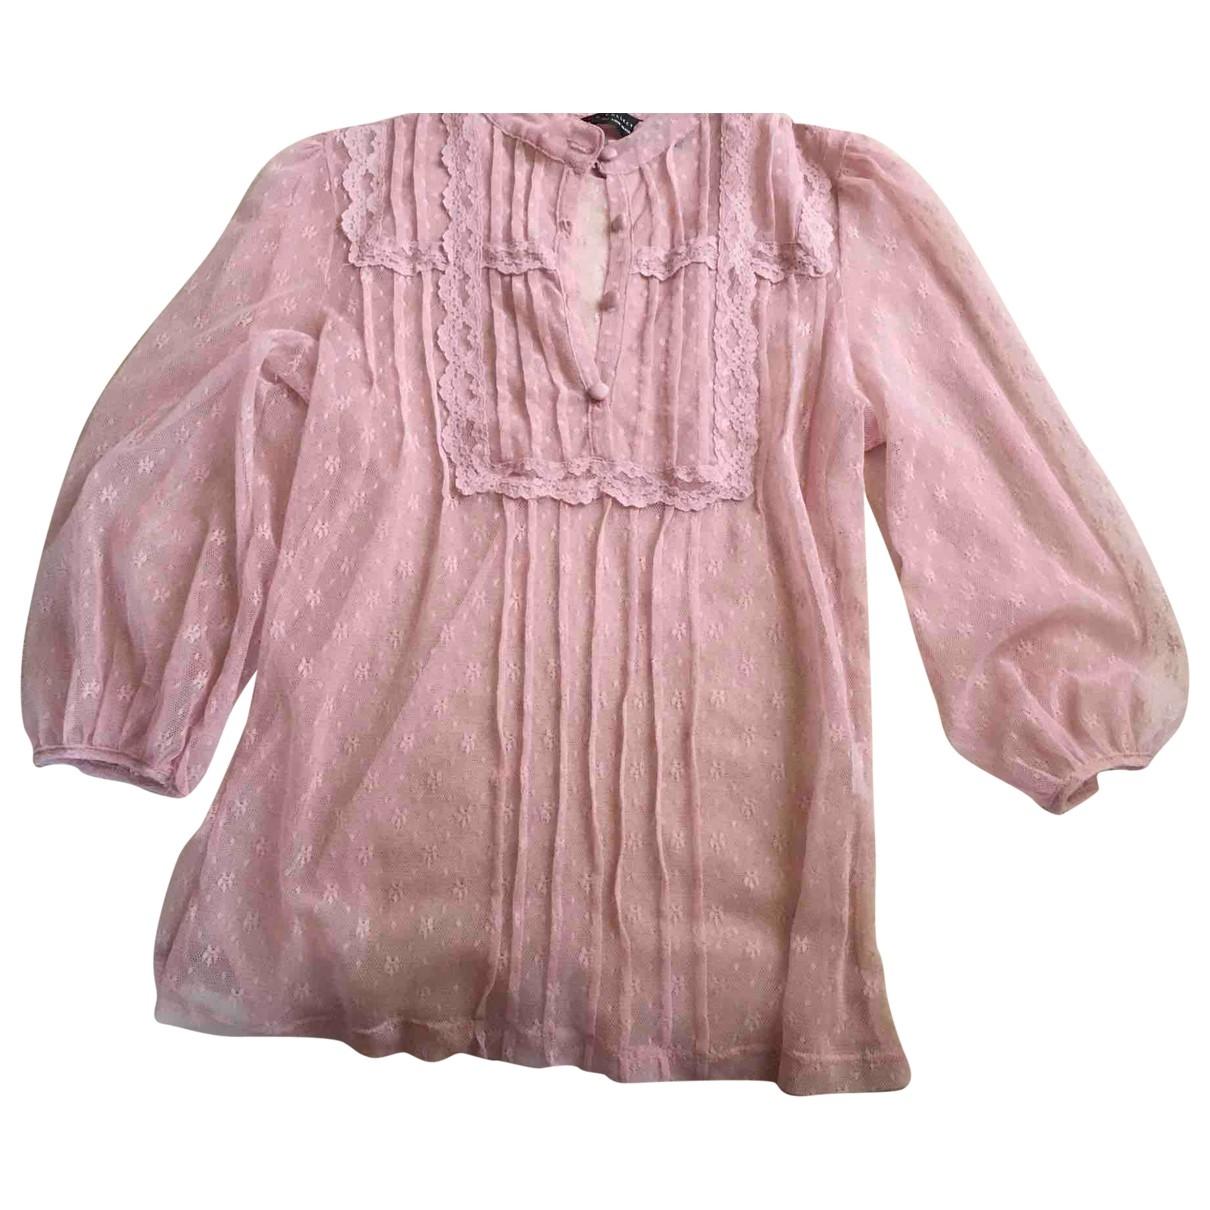 Zara - Top   pour femme - rose